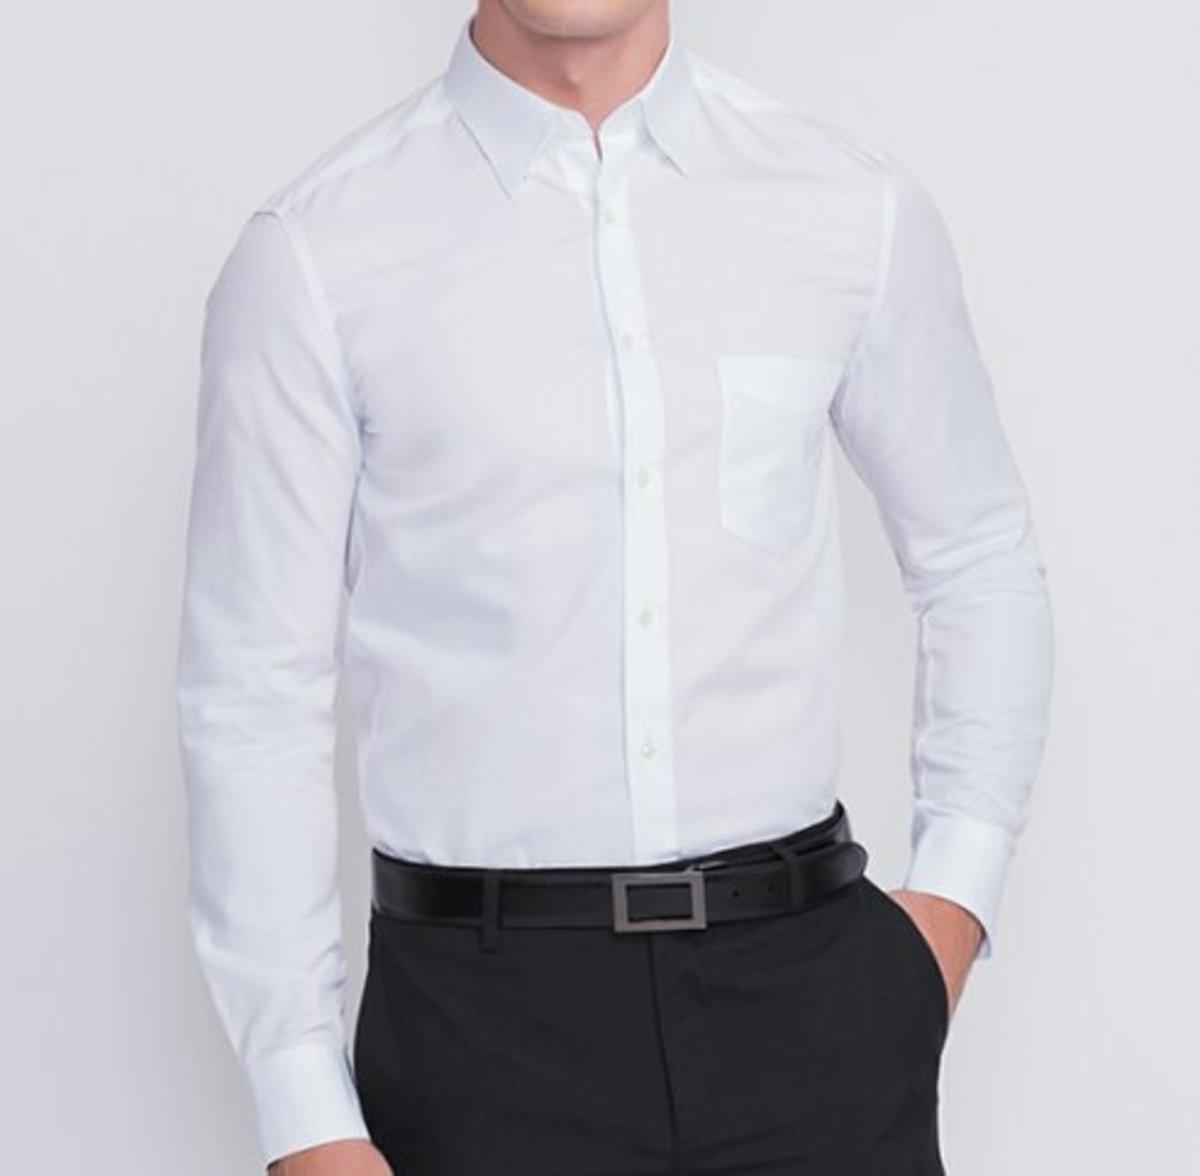 【Non-iron】Men's Fine Cotton Twill Long Sleeve Shirt (White)